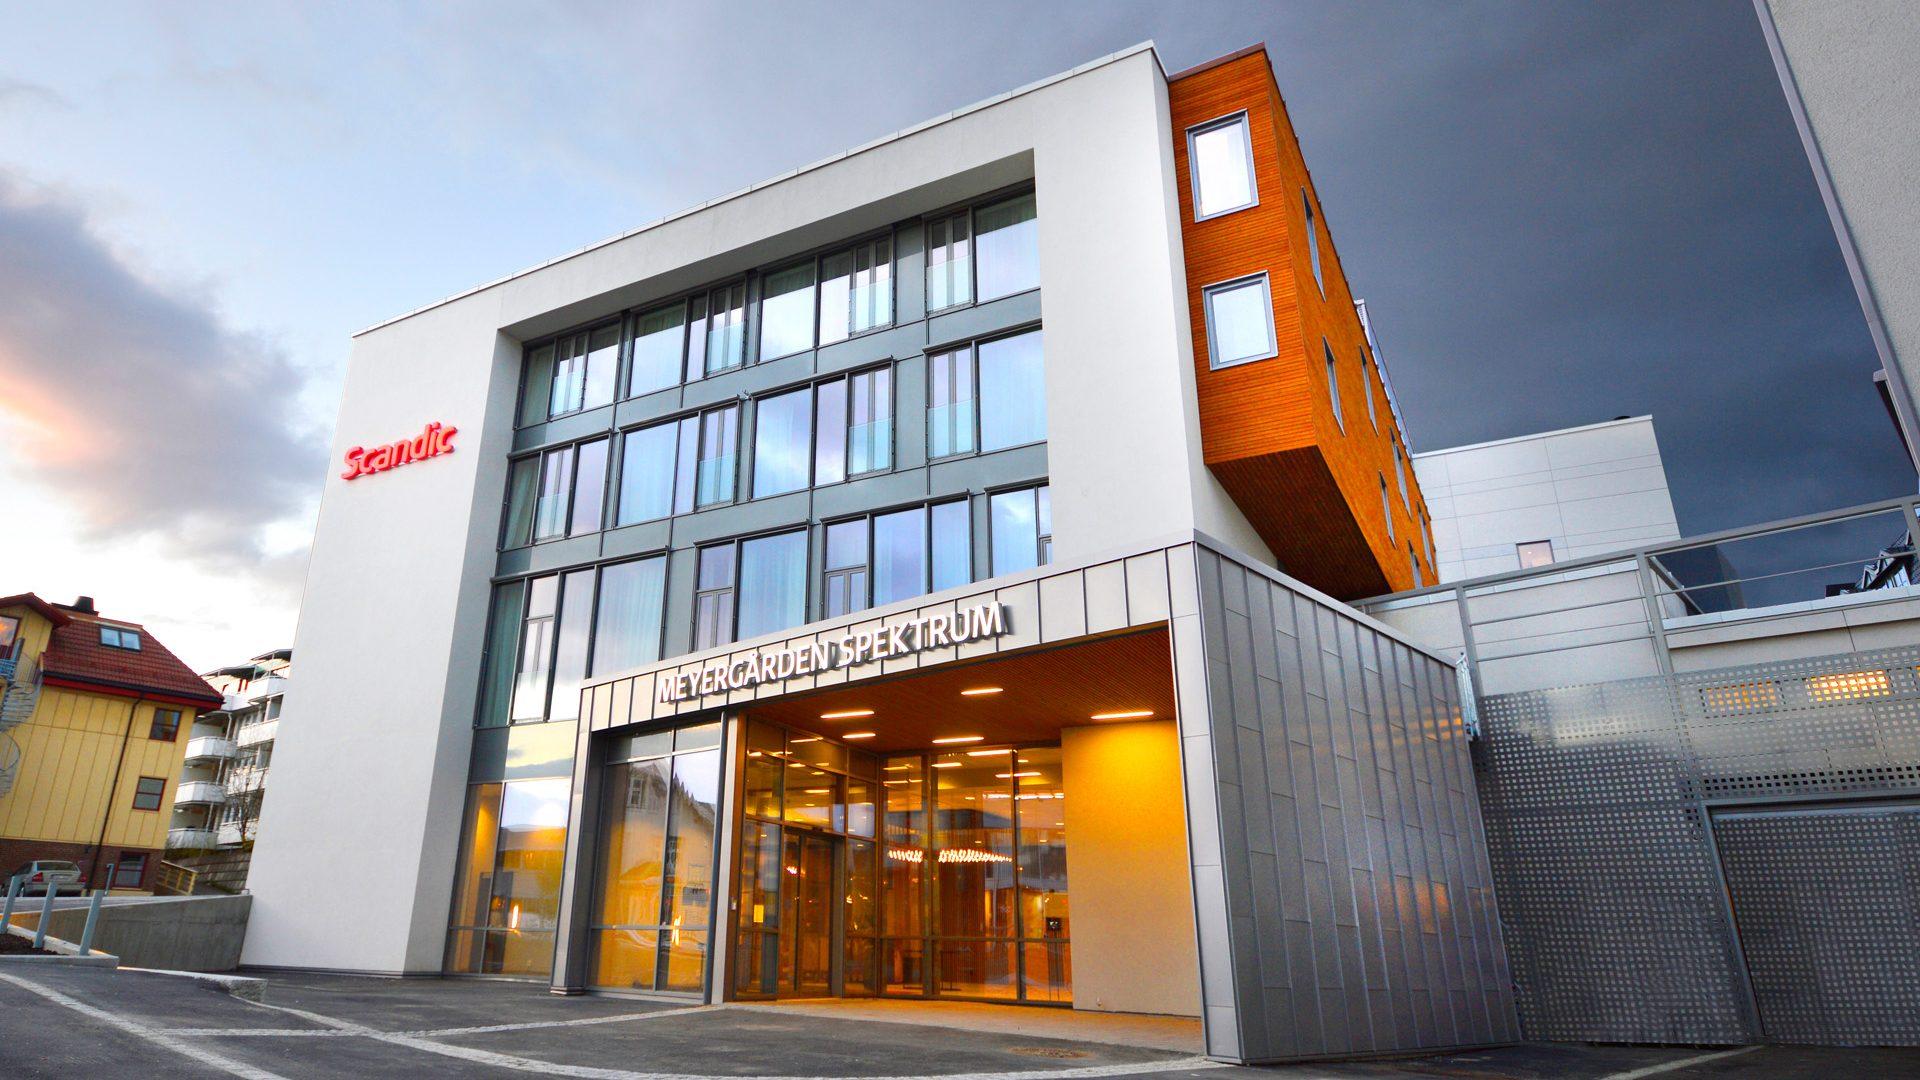 Meyergården Spektrum fasade med inngangsparti